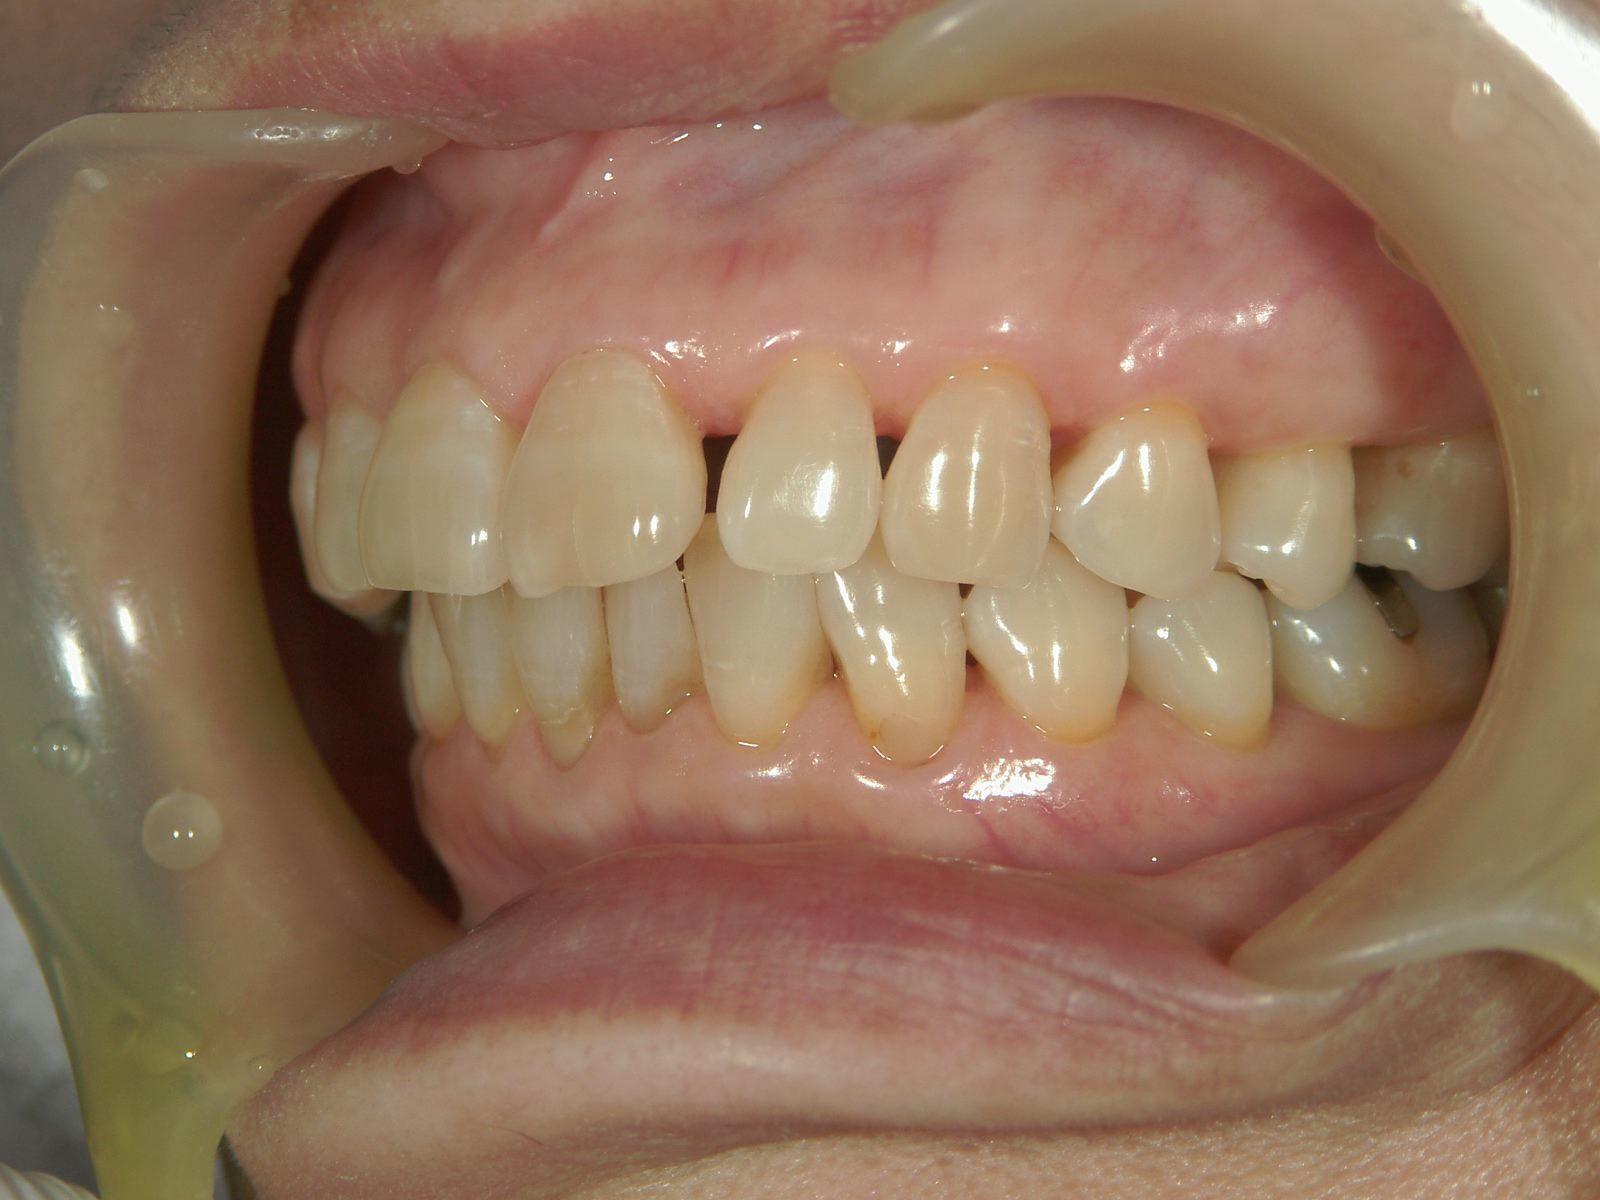 遺伝だけでは歯は悪くはならない、という事・・・。予防歯科再考。_b0119466_01281172.jpg